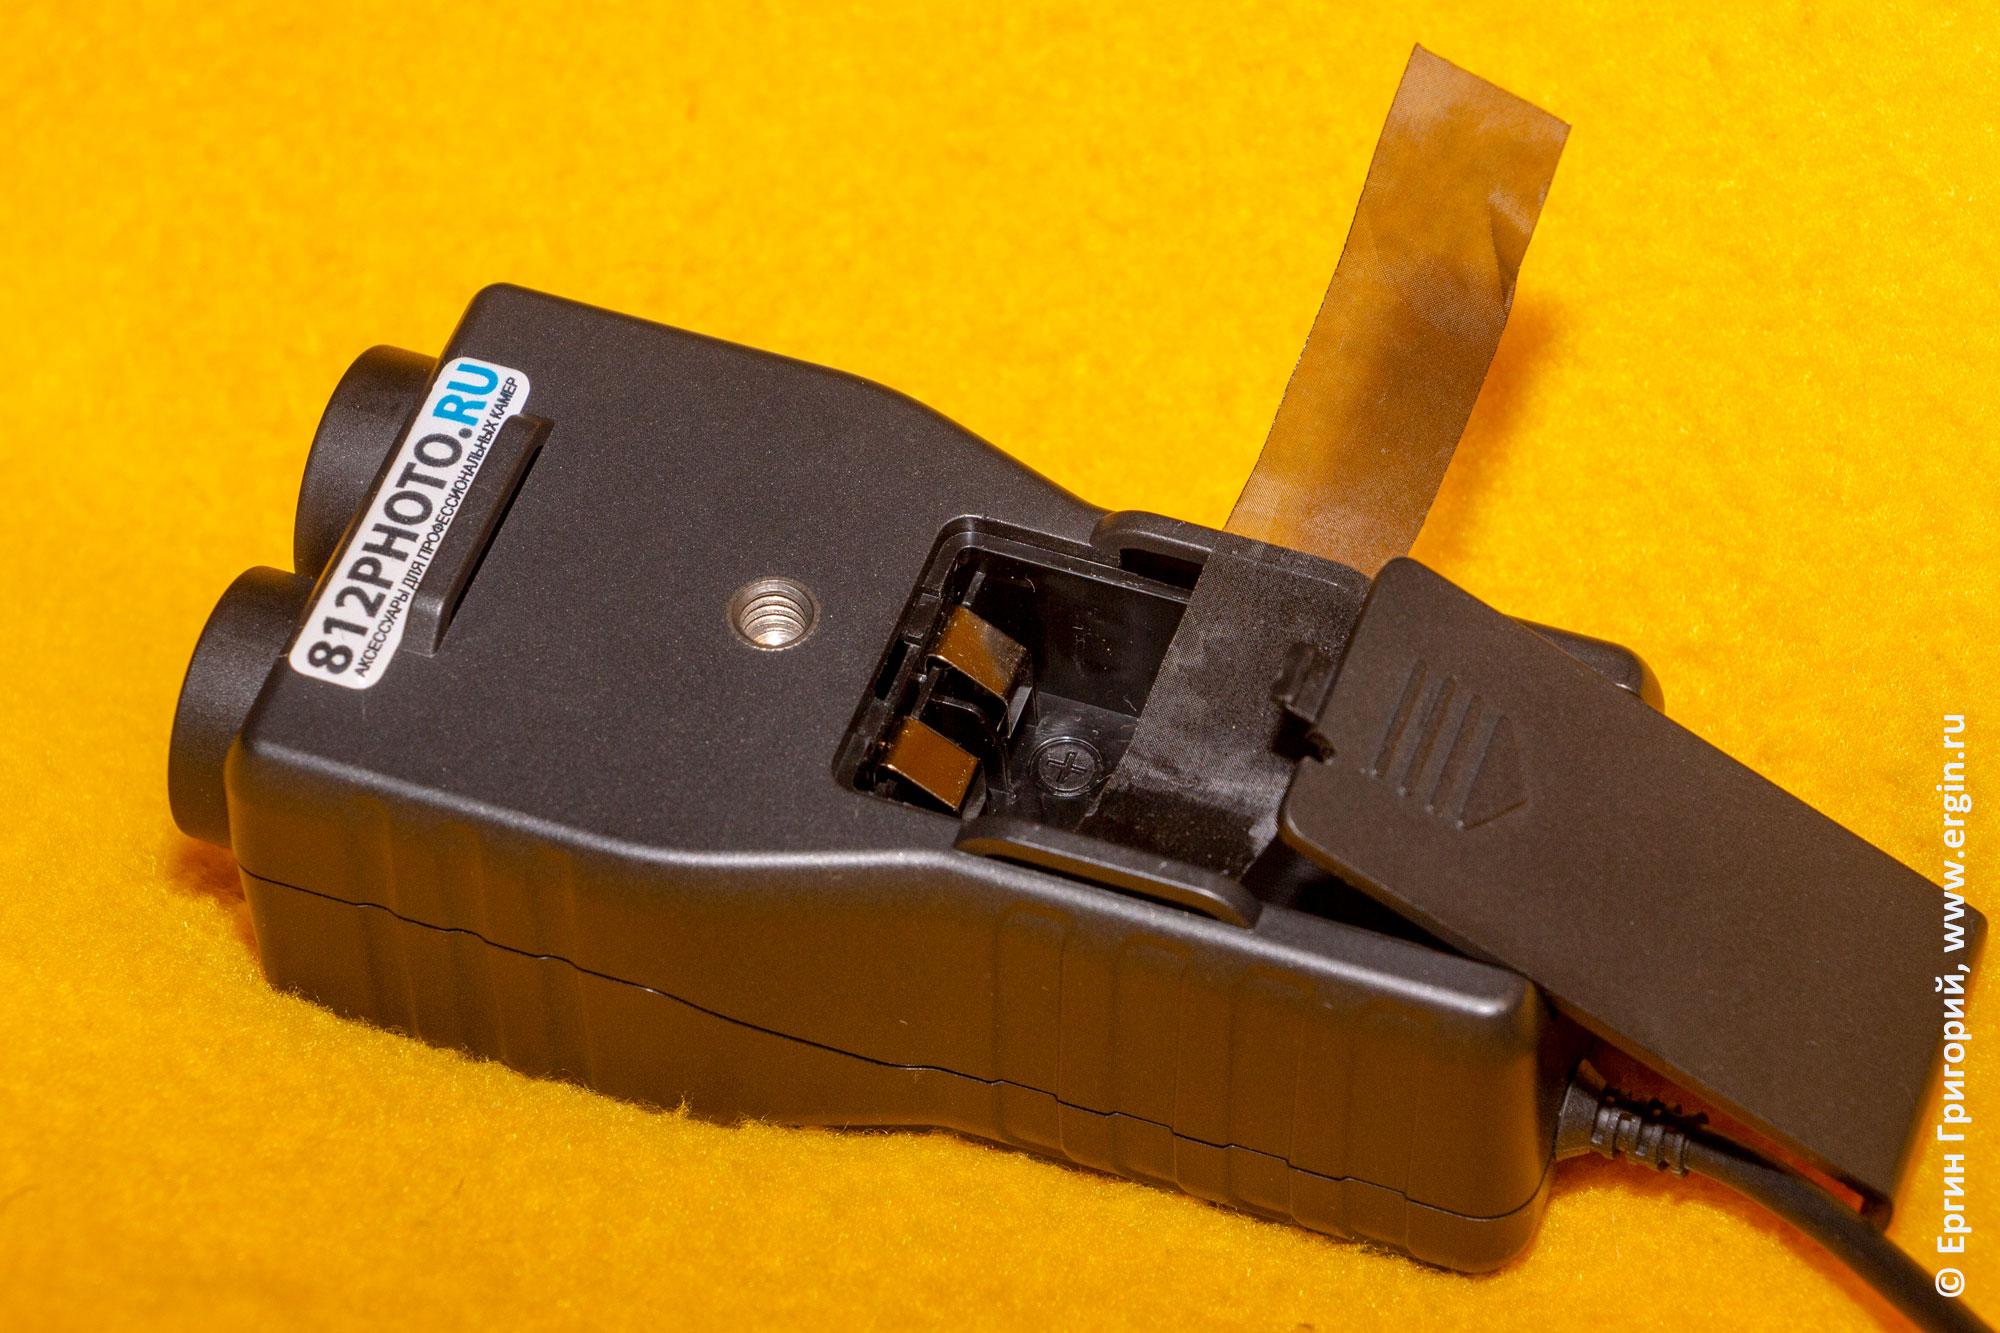 Saramonic-SmartRig+ задняя часть усилителя с батарейным отсеком и резбой под штативный винт